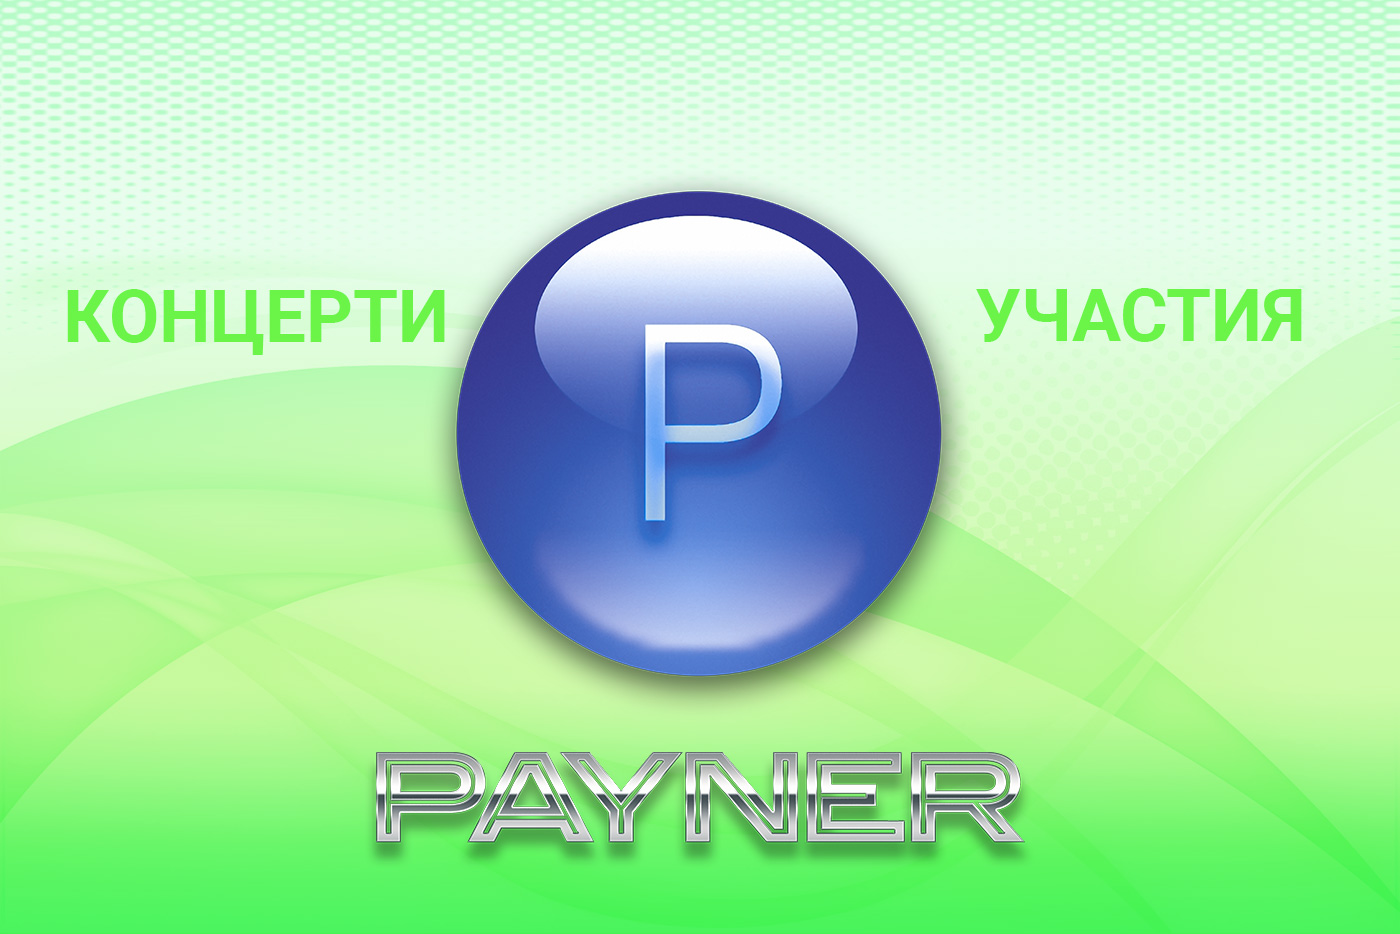 """Участия на звездите на """"Пайнер"""" на 14.11.2019"""